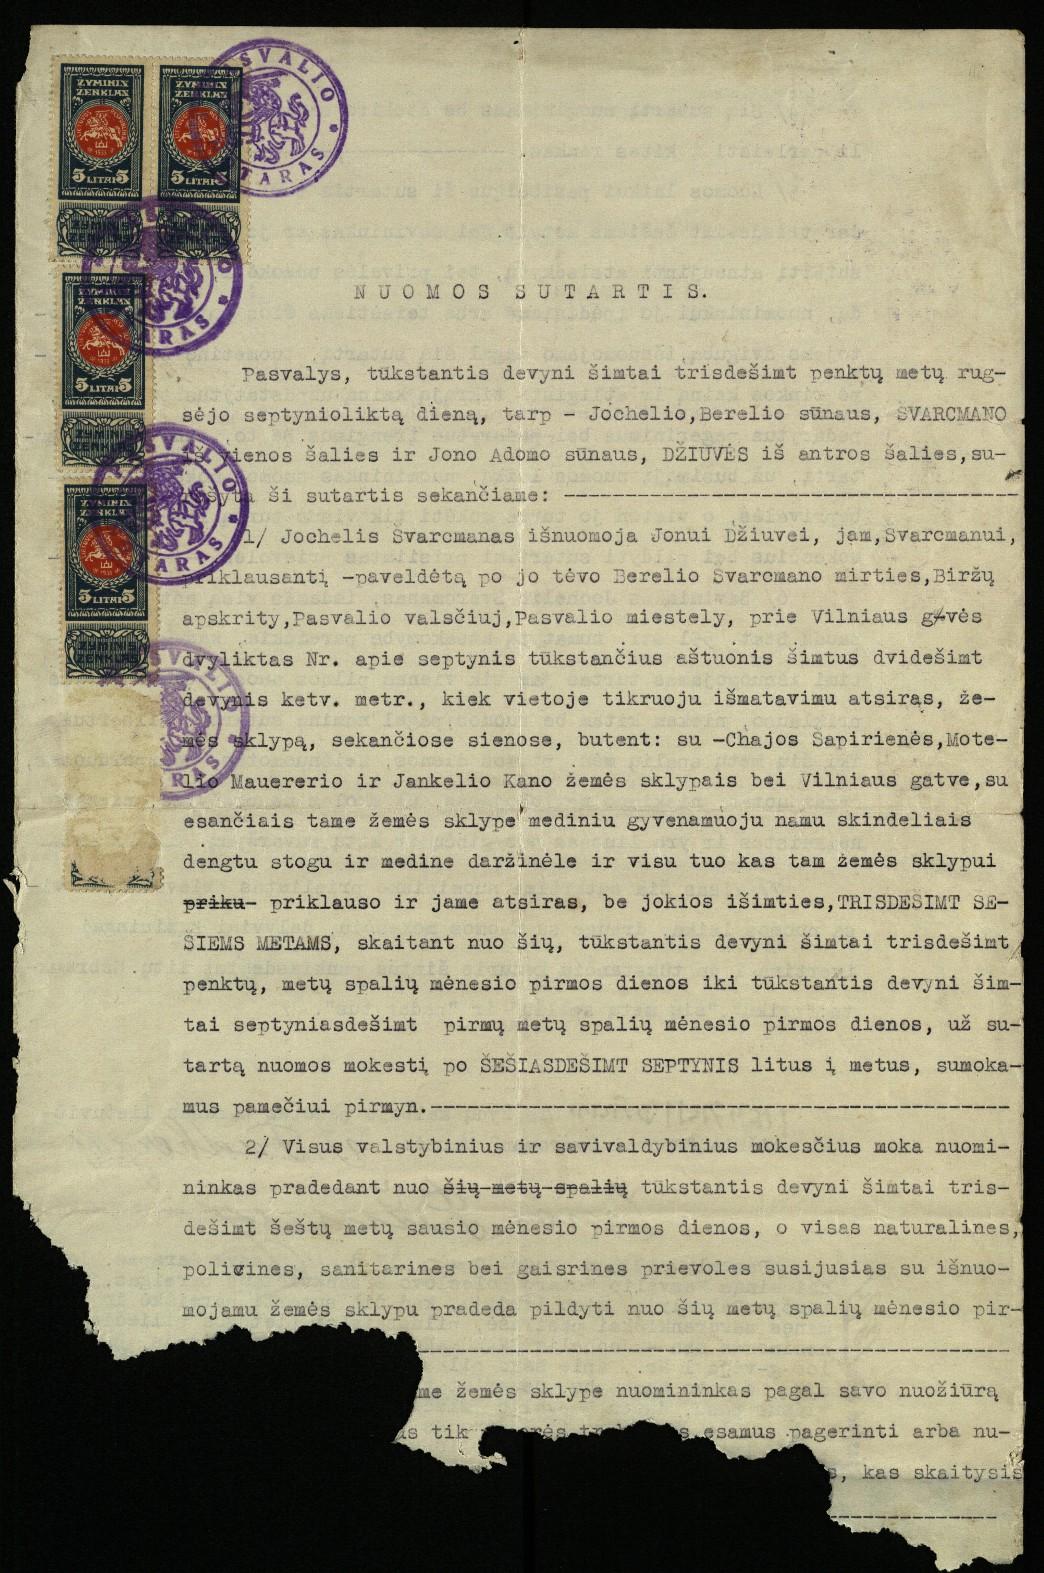 Jono Džiuvės nuomos sutartis, 1935 m. rugsėjo 17 d.